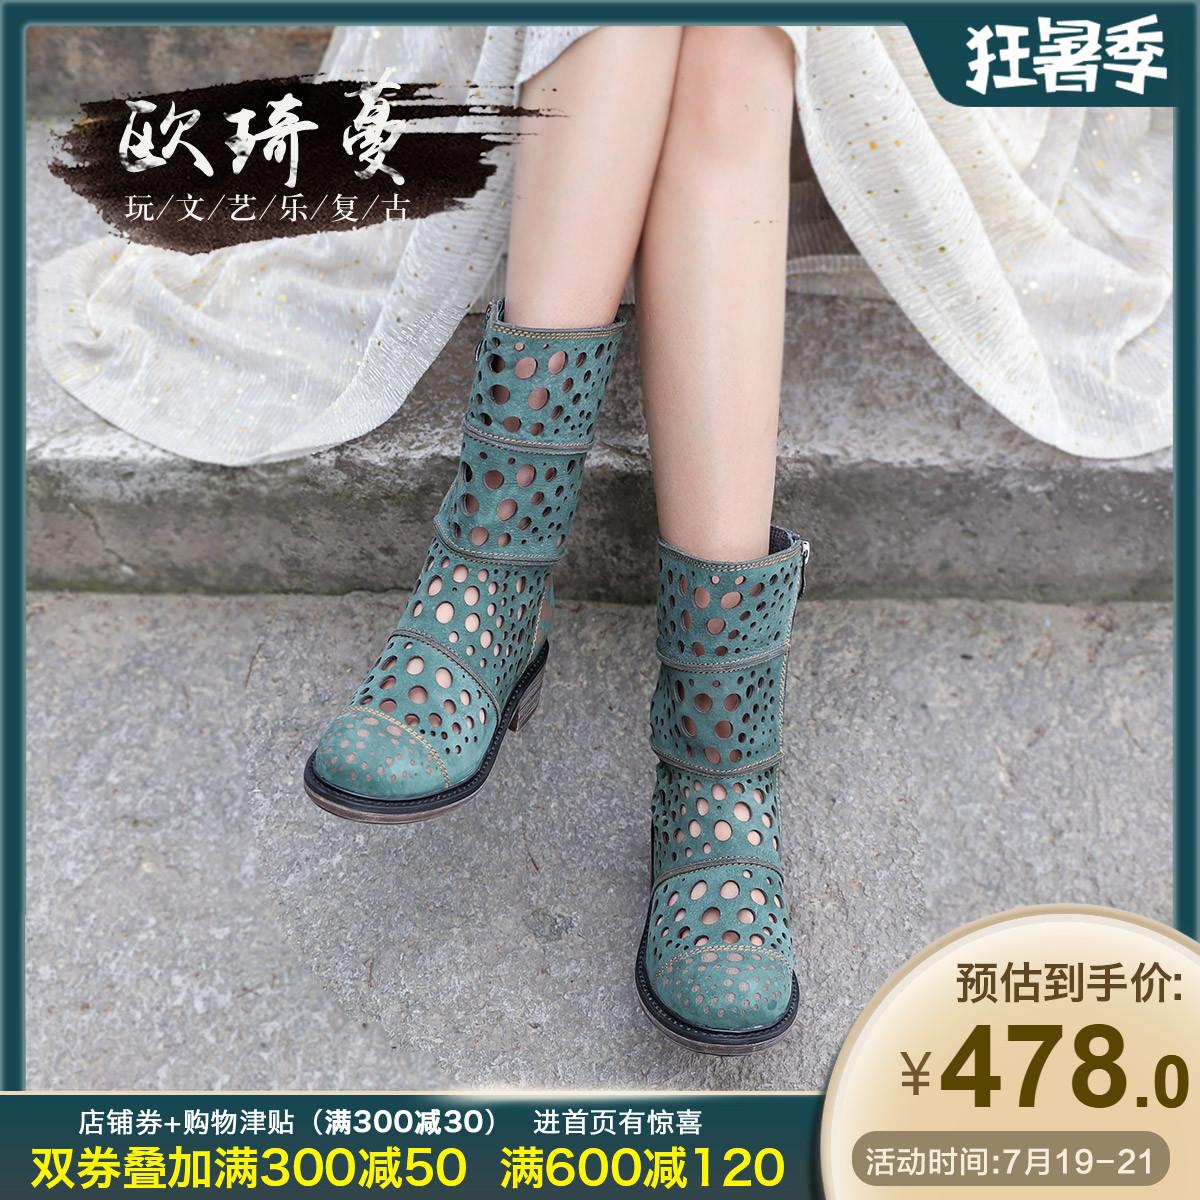 欧琦蔓小众设计师凉靴女春新款2019手工真皮中筒靴镂空凉鞋95026